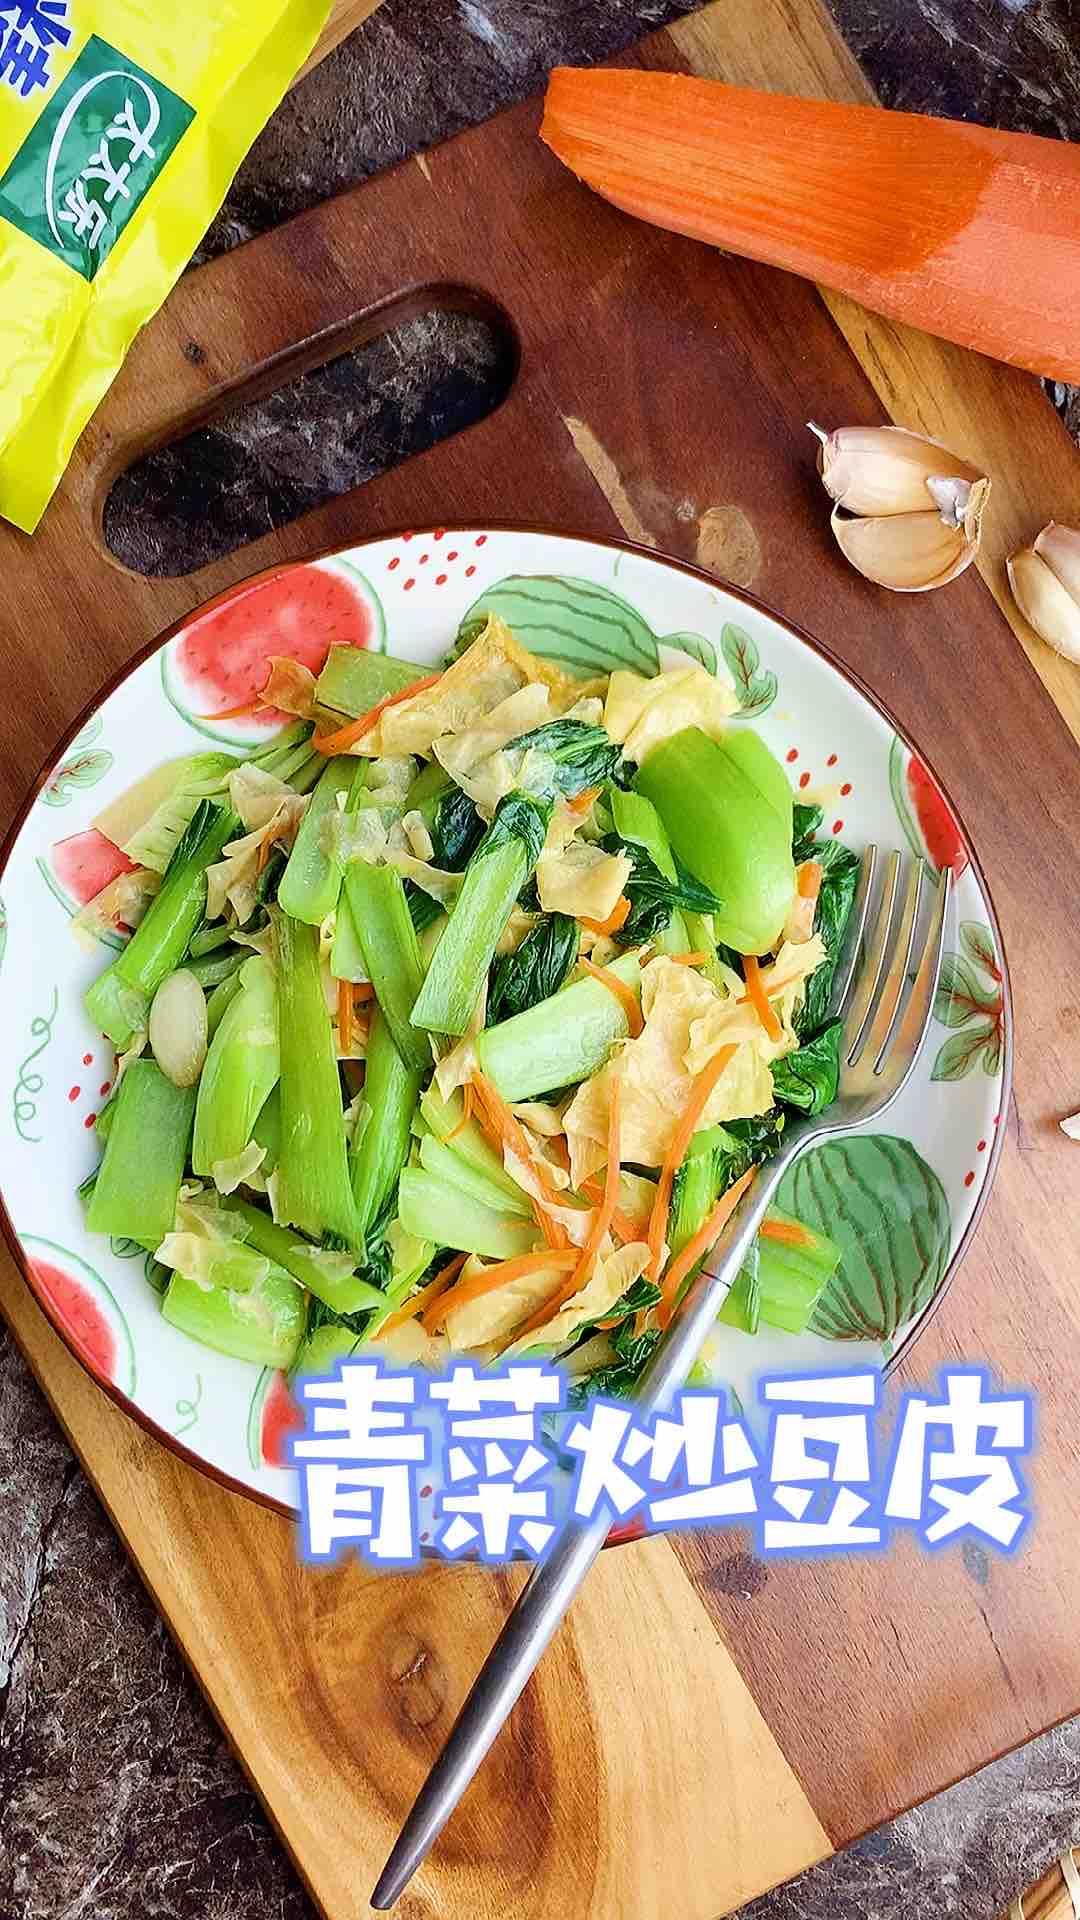 青菜炒豆皮怎么炒